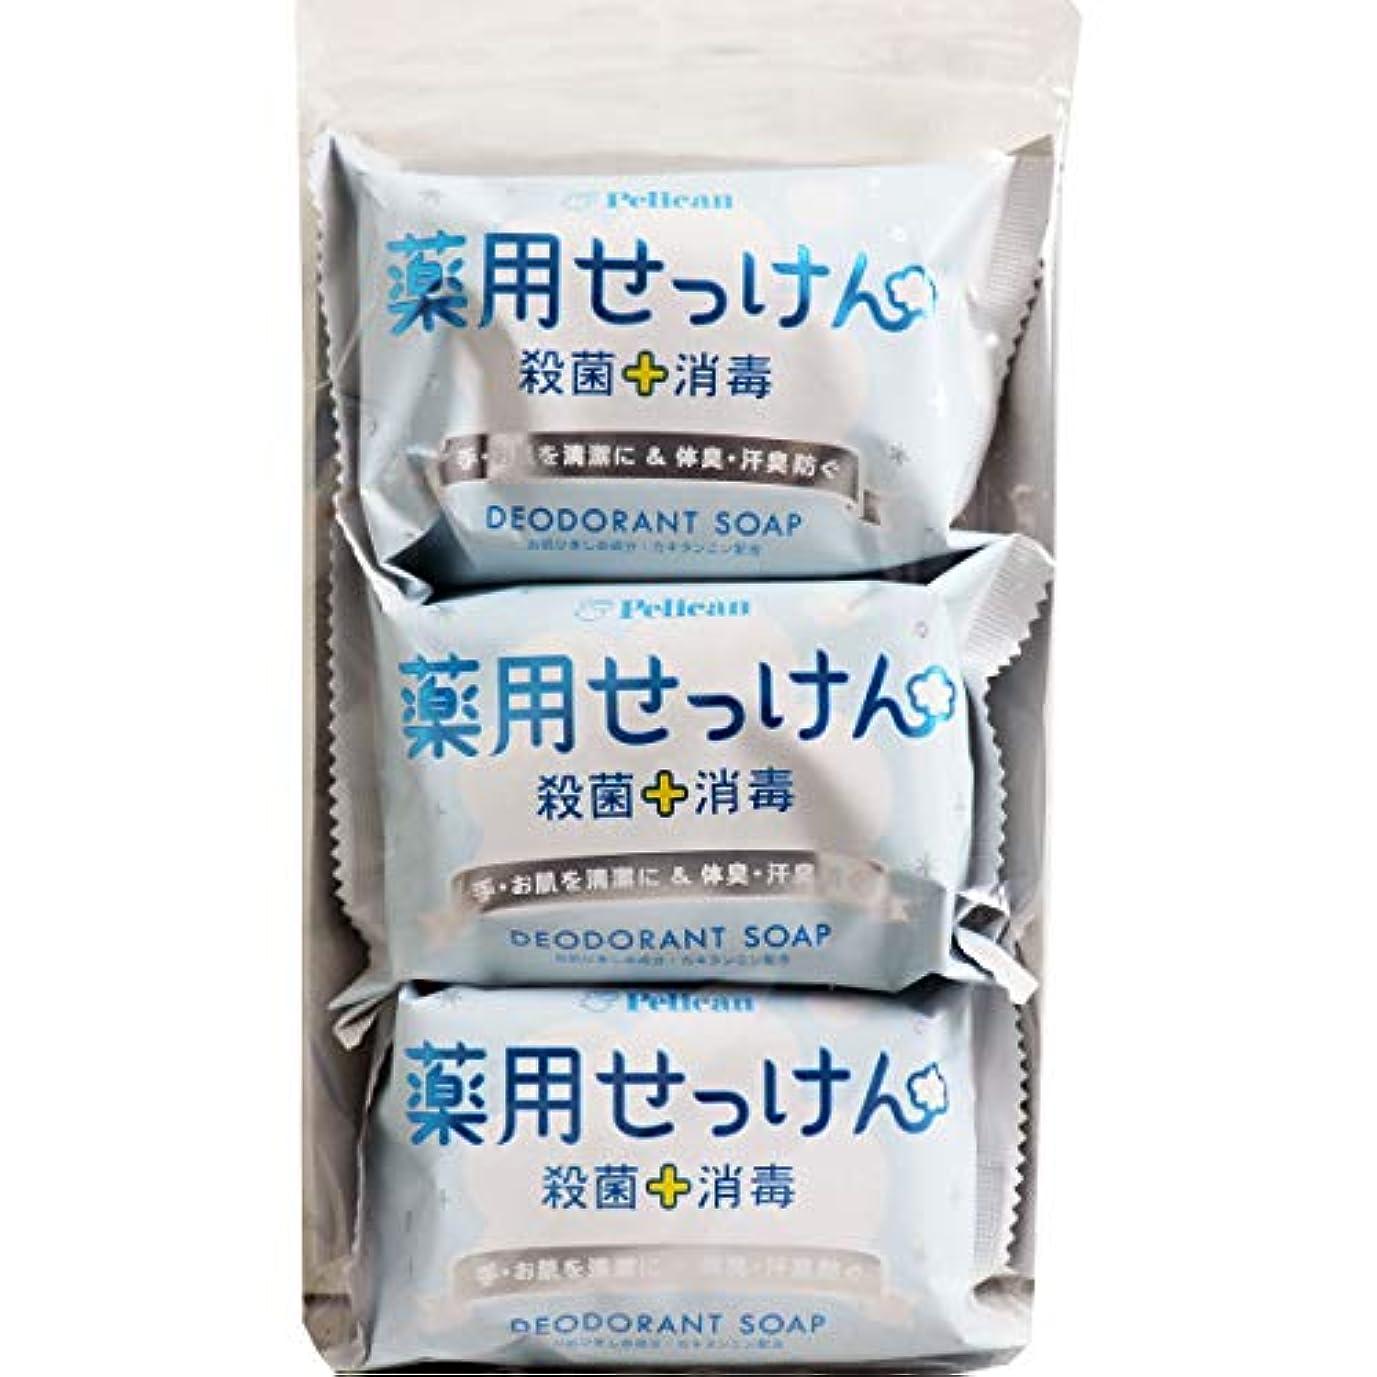 完璧な側面手段ペリカン石鹸 薬用石けん 85g×3個×4パック